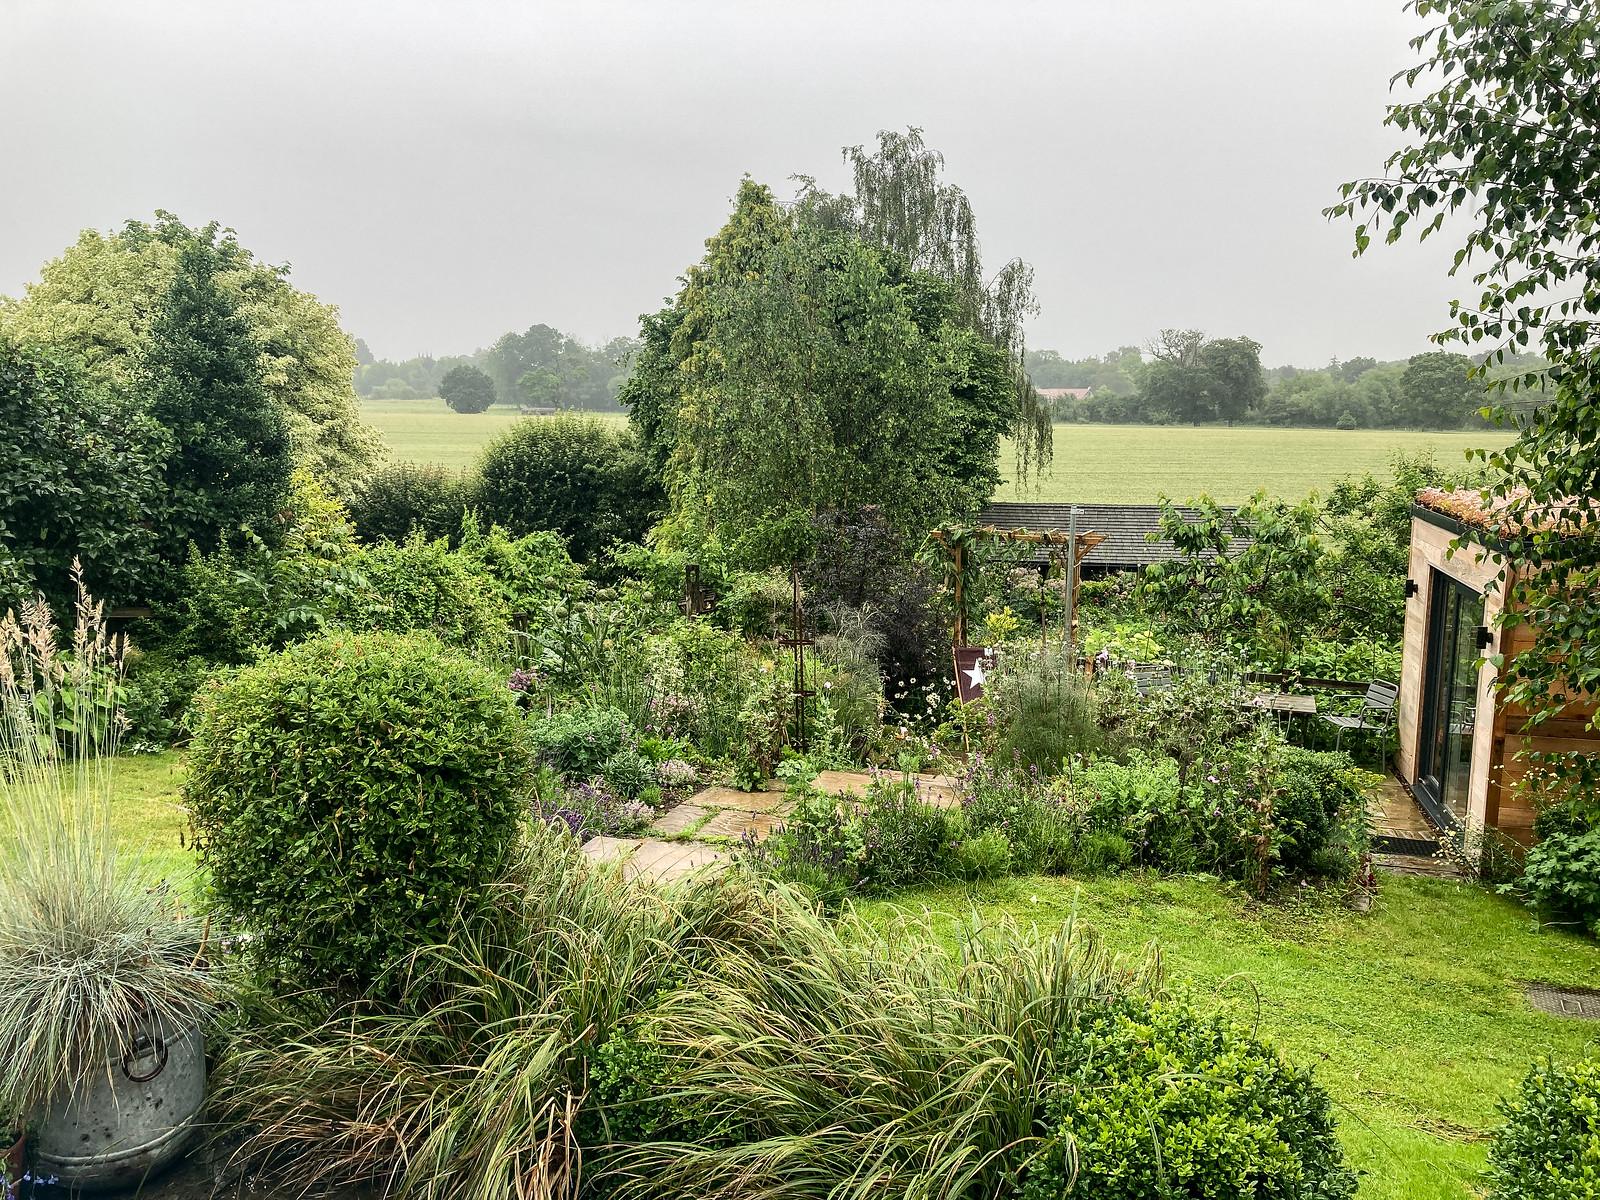 Wet June Garden Morning